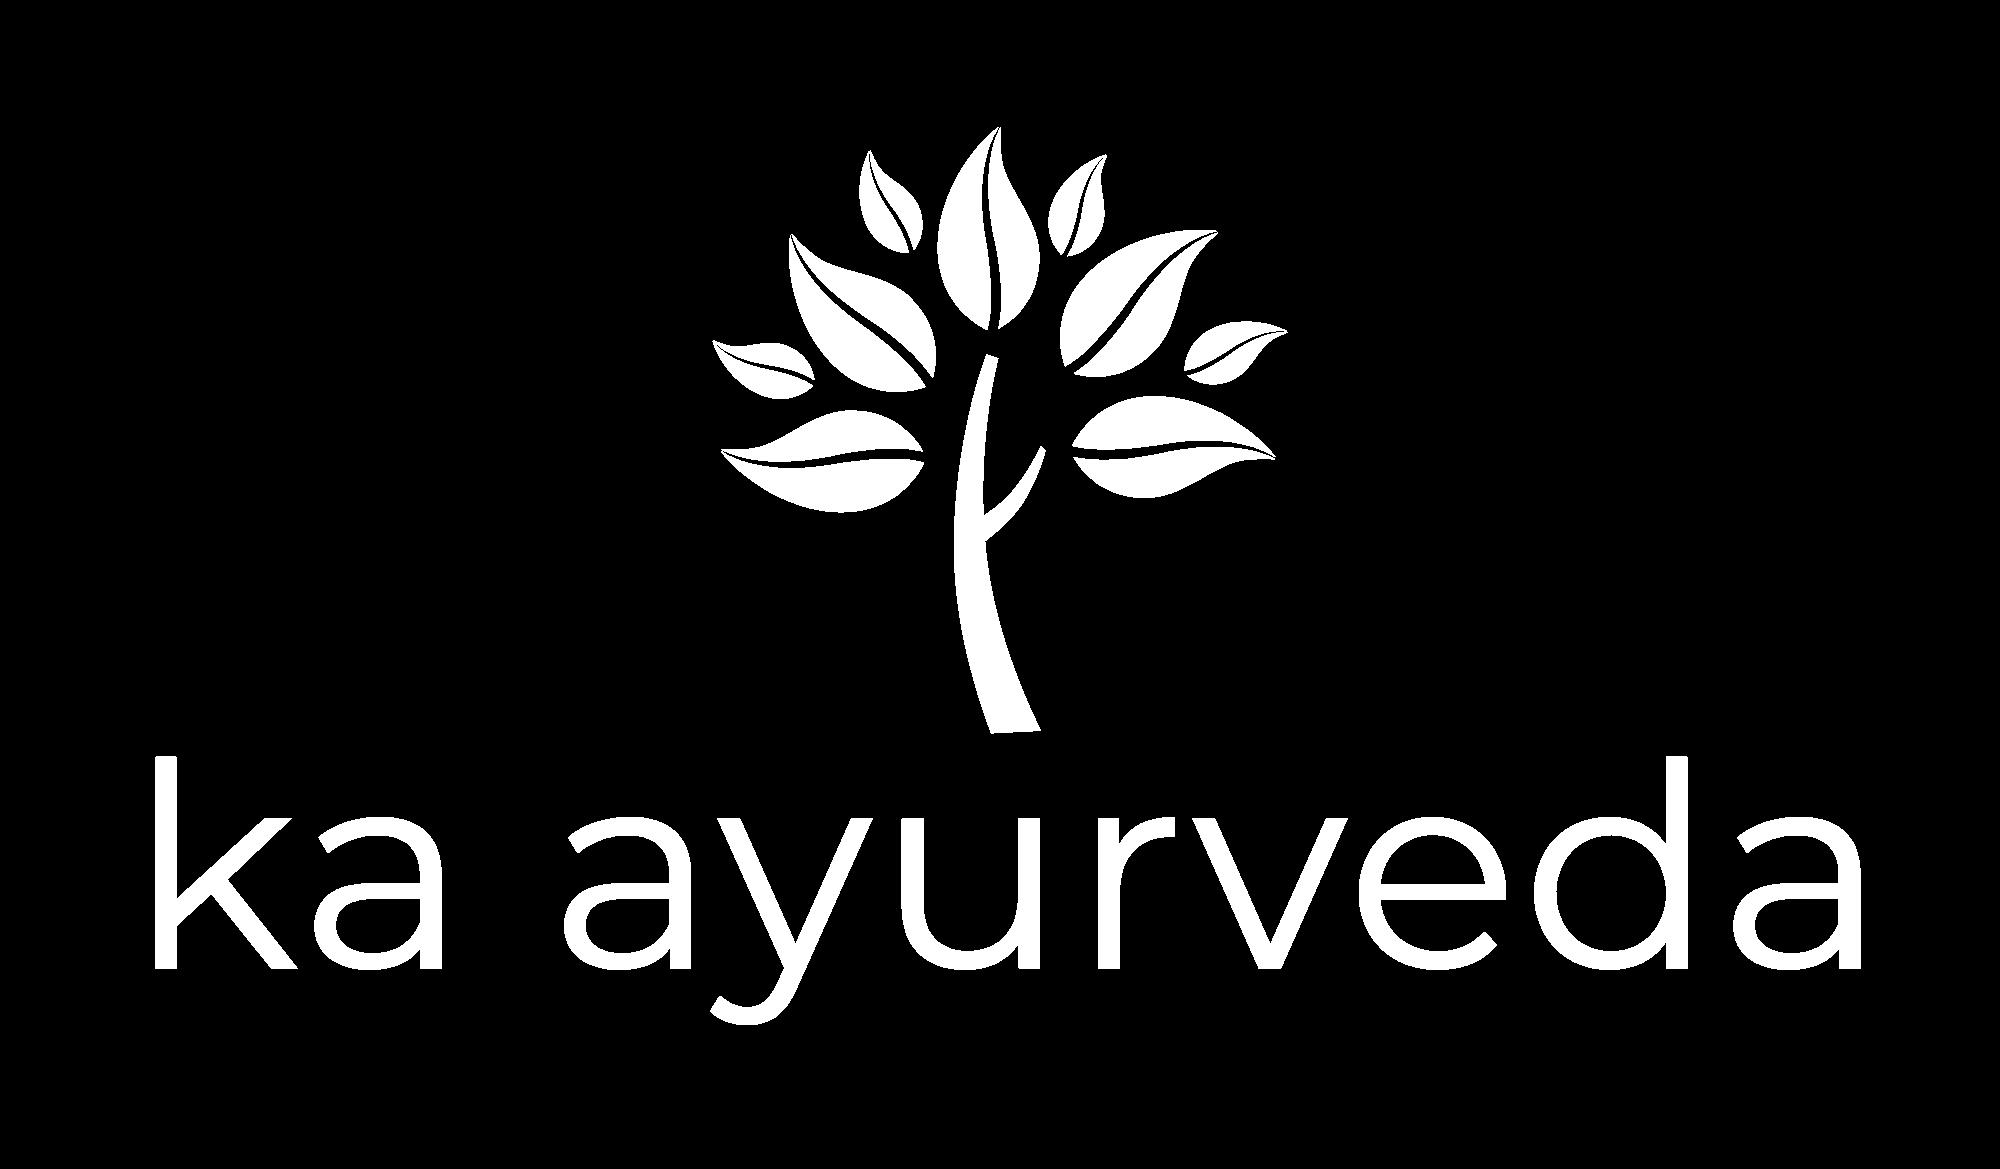 ka ayurveda logo 3.png